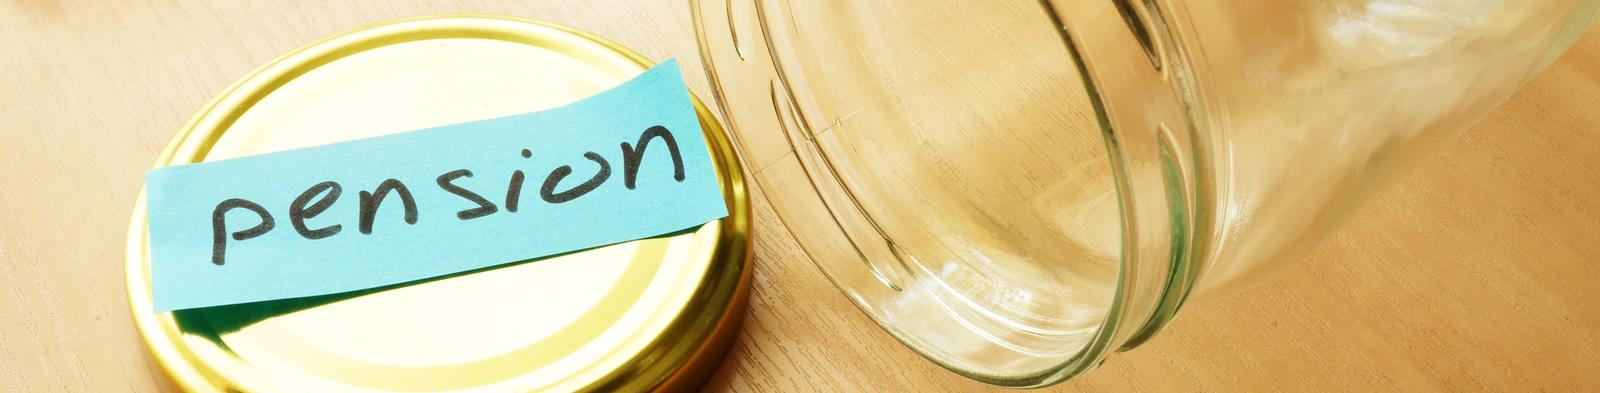 Empty pension jar